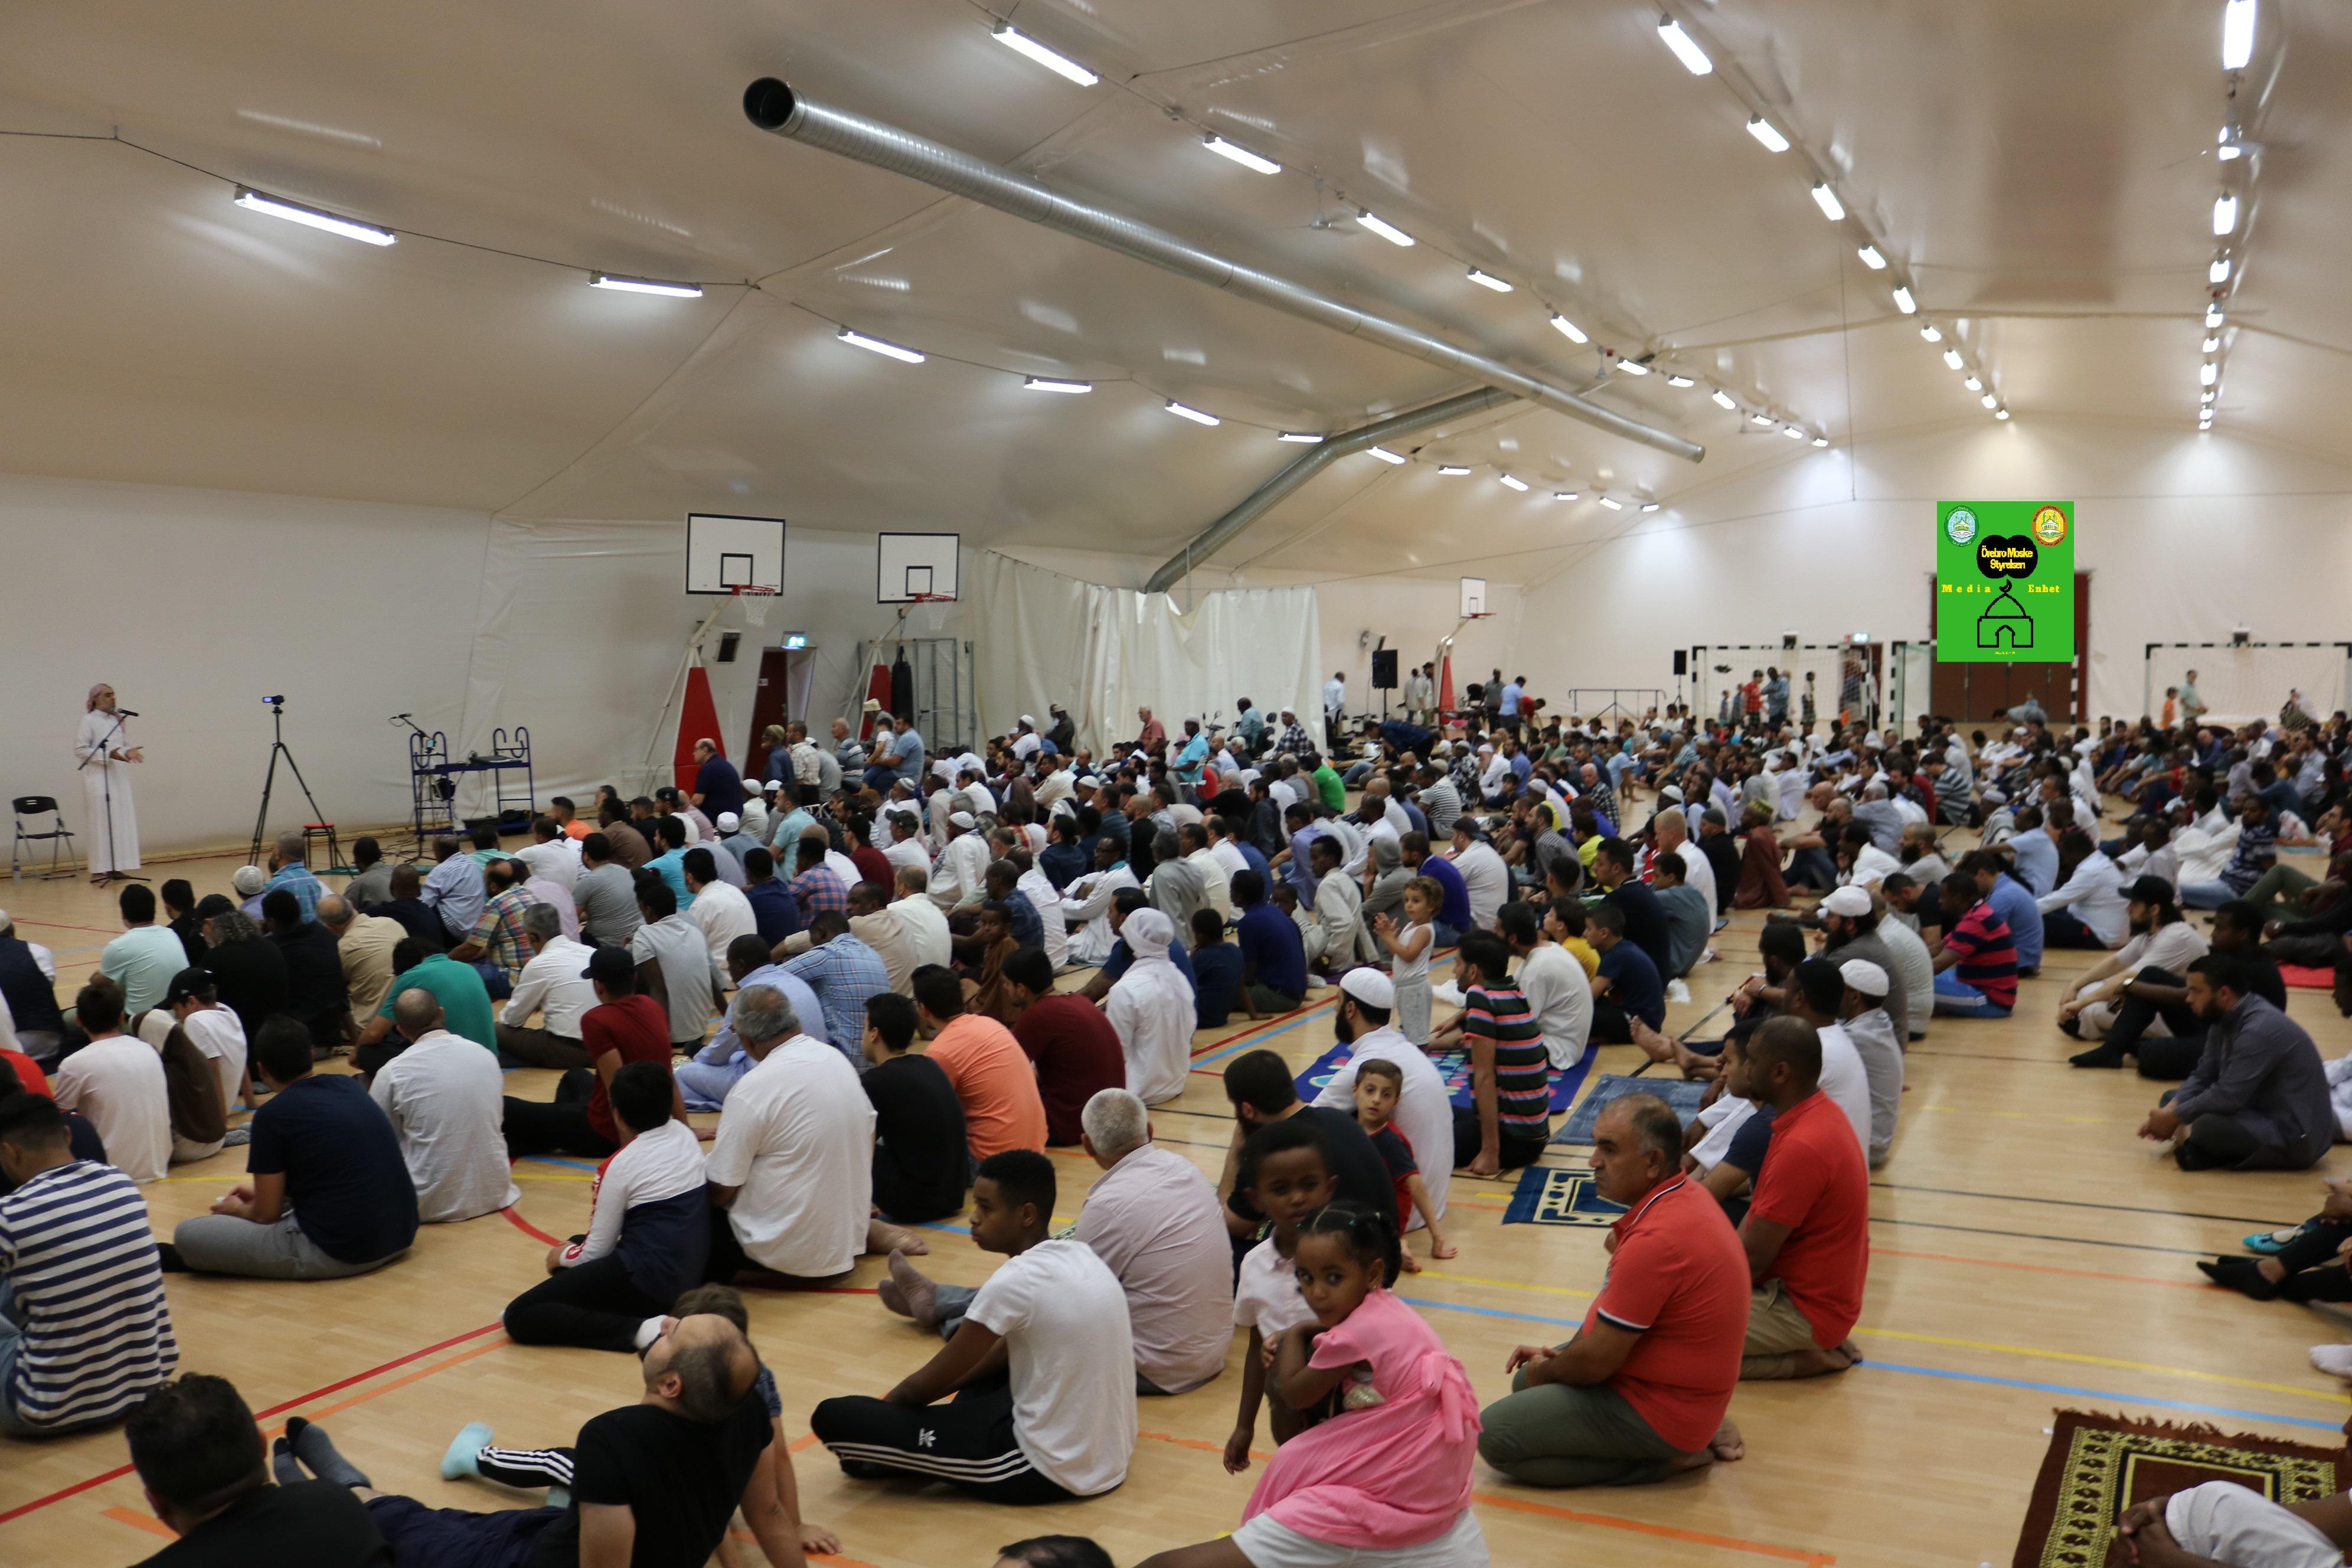 الأشهر الحرم *************************** 20/07/2018 *************************** Shikh Abu Husam Hariri *************************** Friday Bön - Friday Prayers صلاة الجمعة *************************** FILMED ON LOCATION *************************** Ballonghallen i Örebro